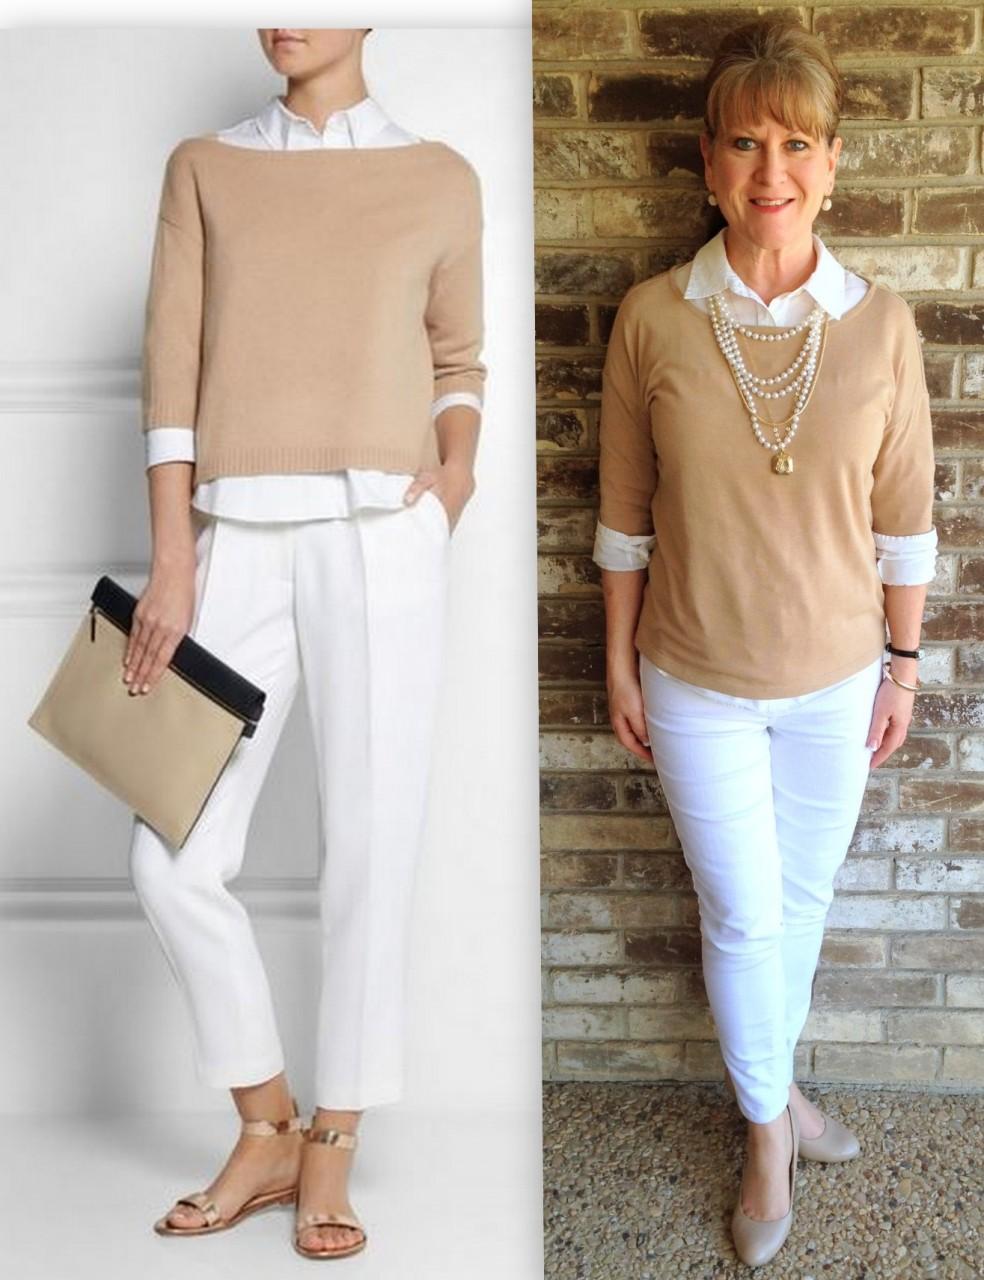 Мода для тех, кому за 55. Узнай секреты, и используй в жизни